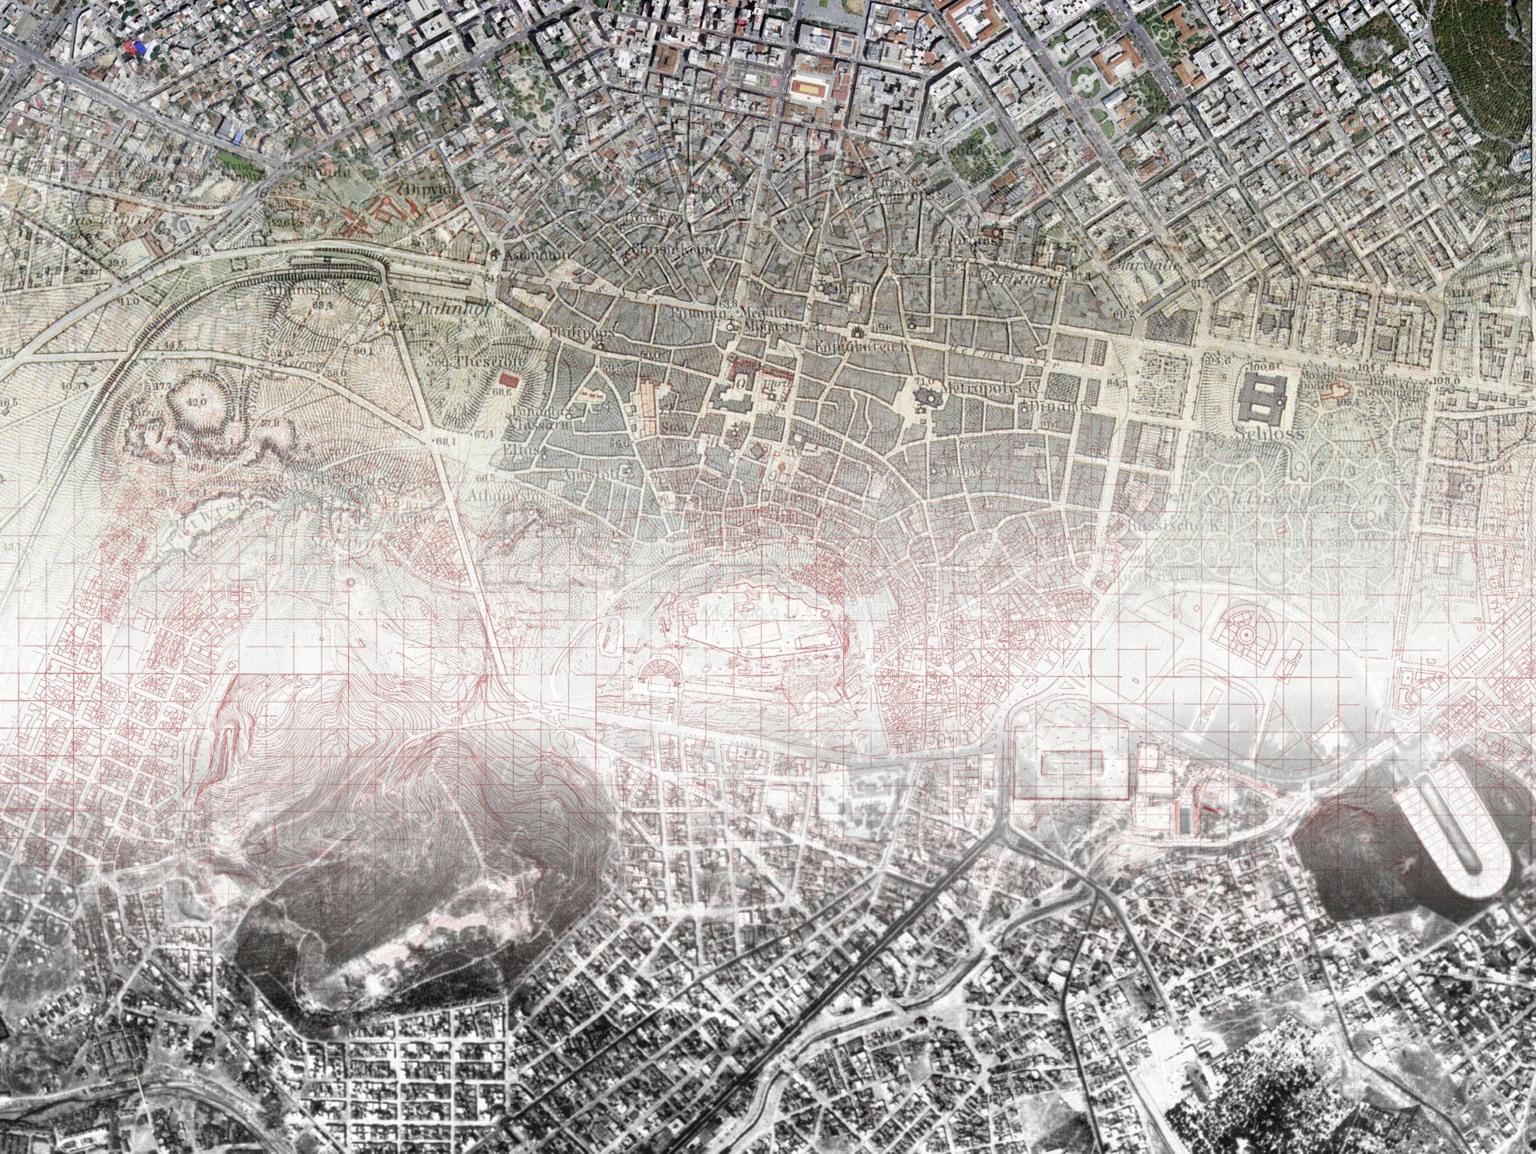 Συνδυασμός δορυφορικής εικόνας, αεροφωτογραφίας, τοπογραφικού υποβάθρου και ιστορικού χάρτη για το κέντρο της Αθήνας.